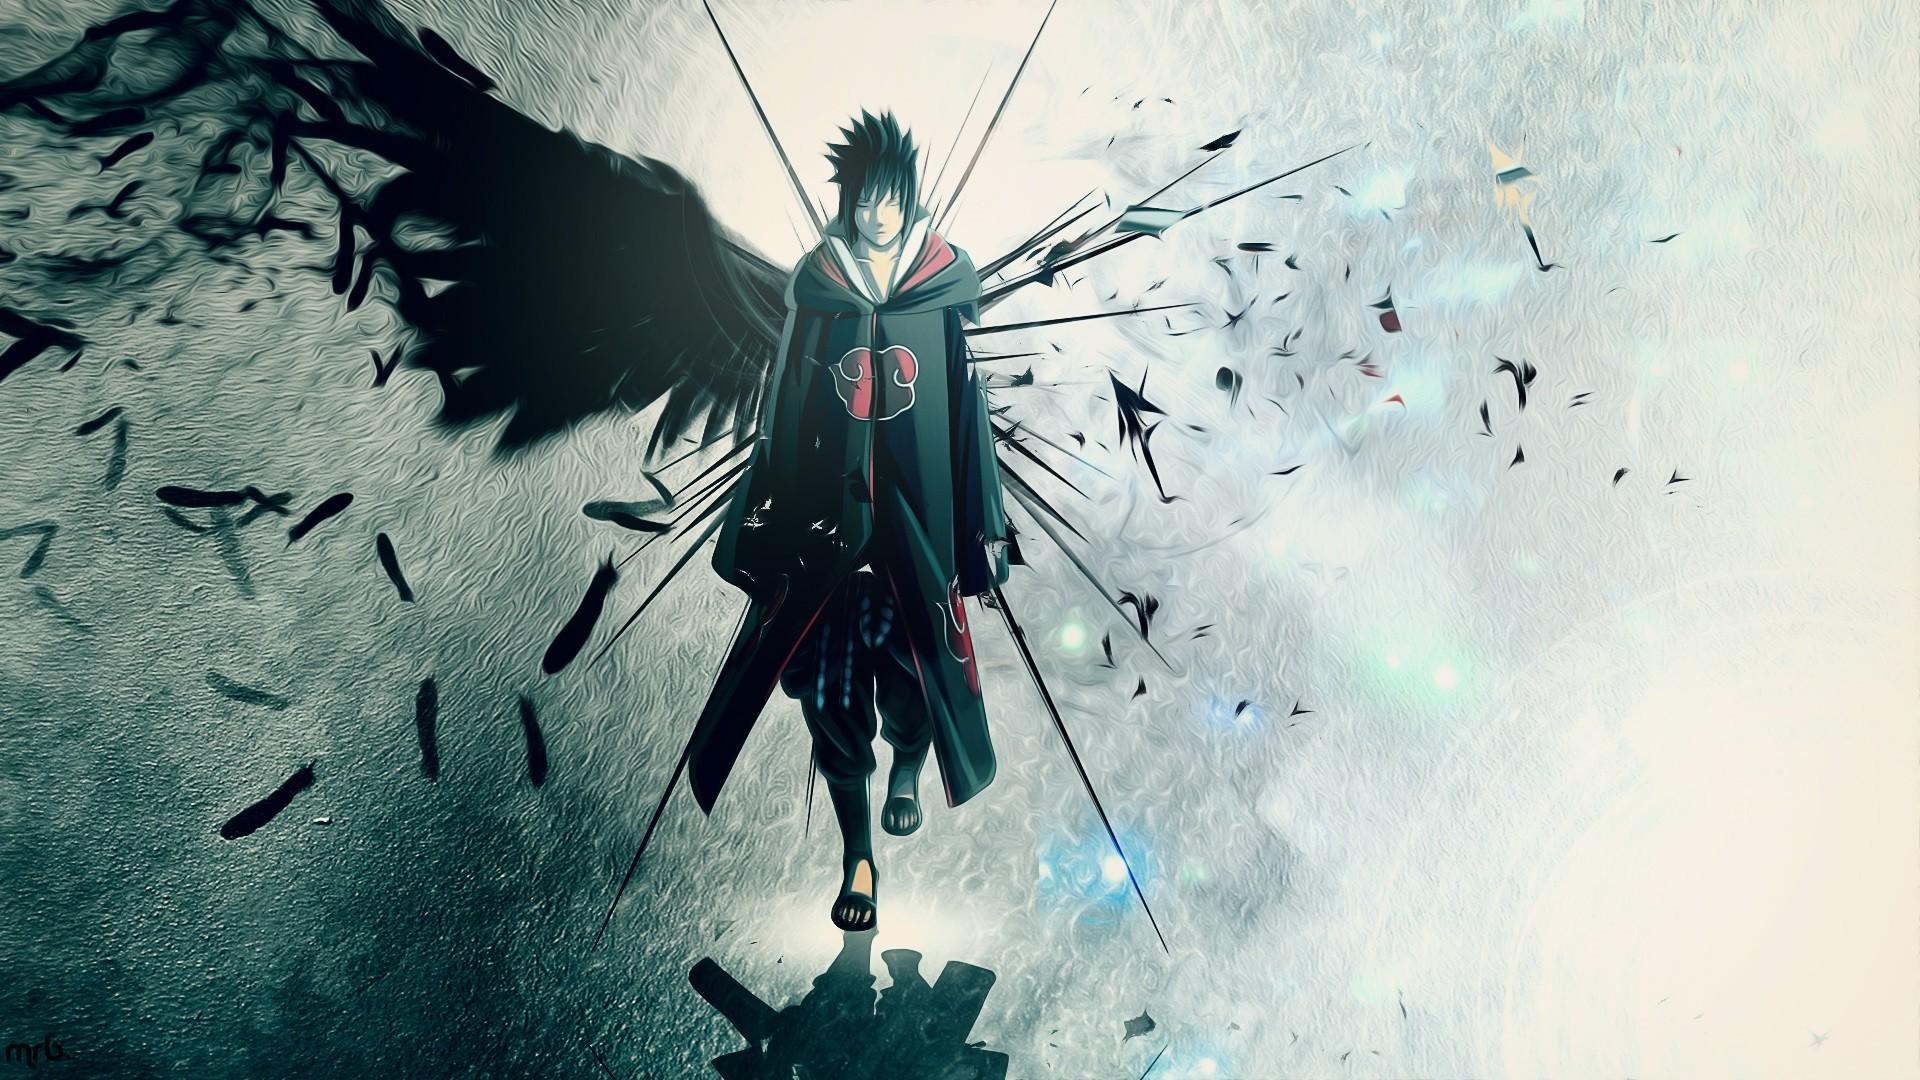 Fond d'écran : illustration, Anime, ciel, ailes ...